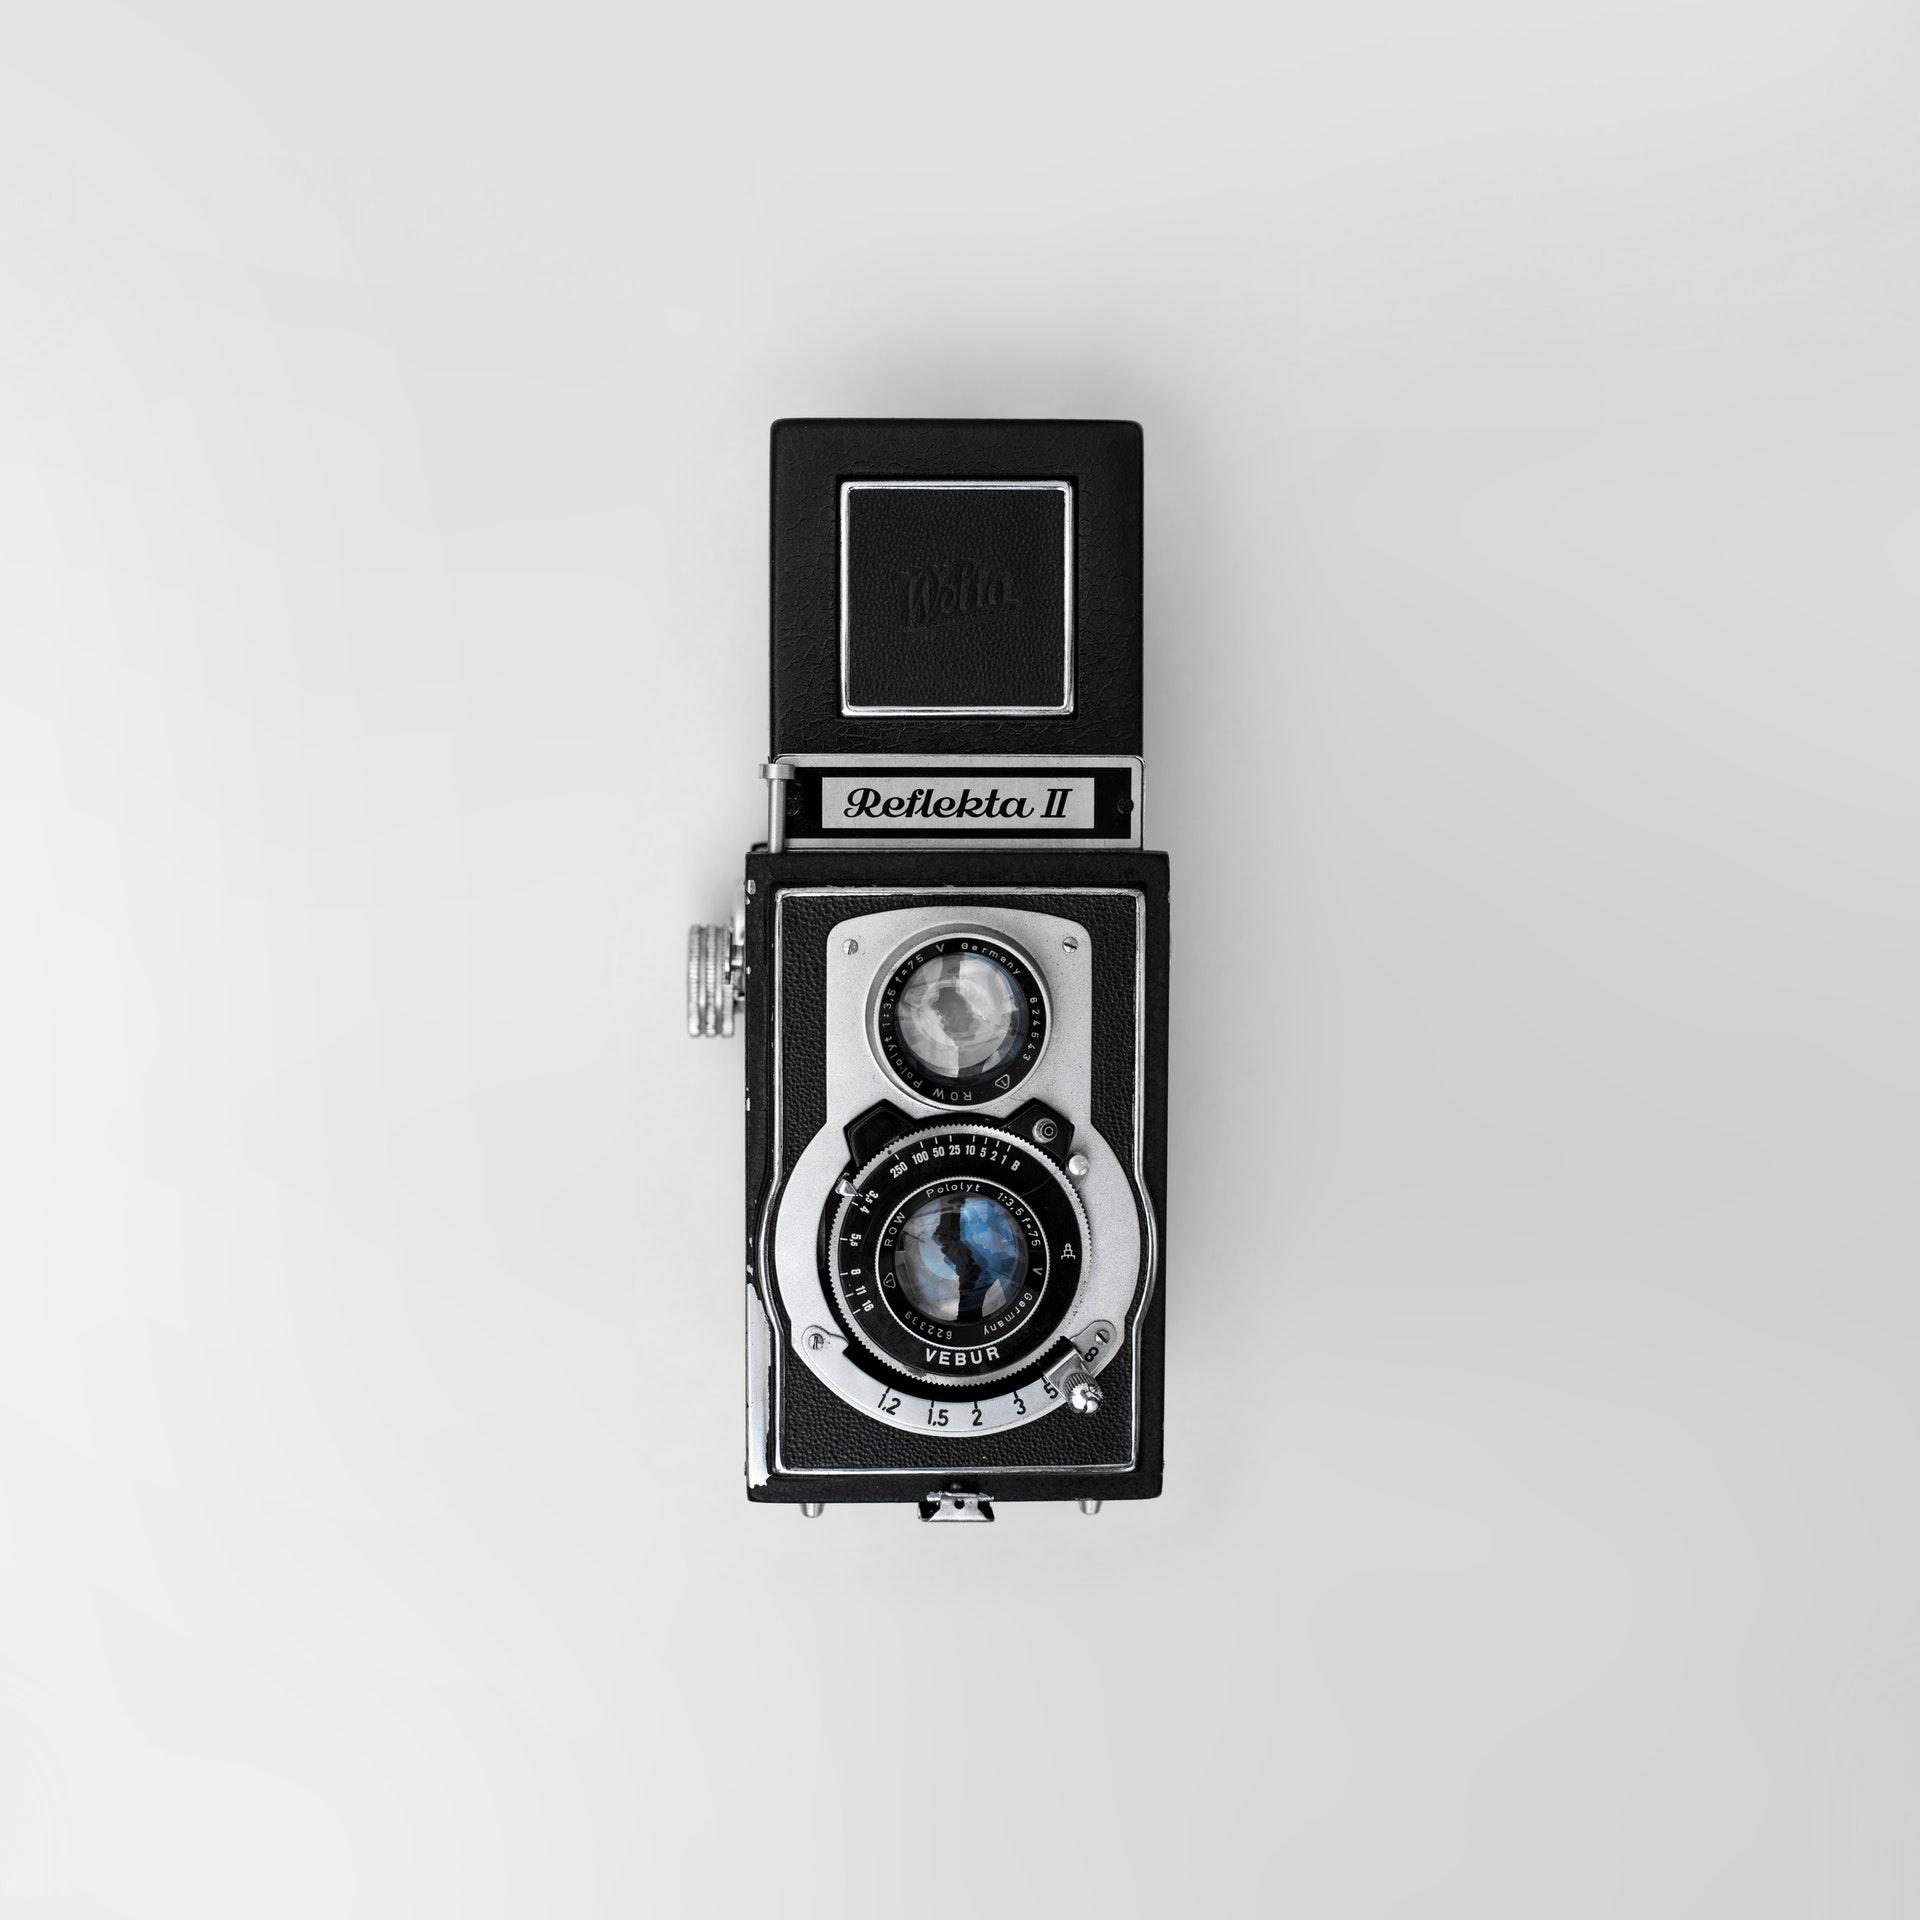 bon photographe 1